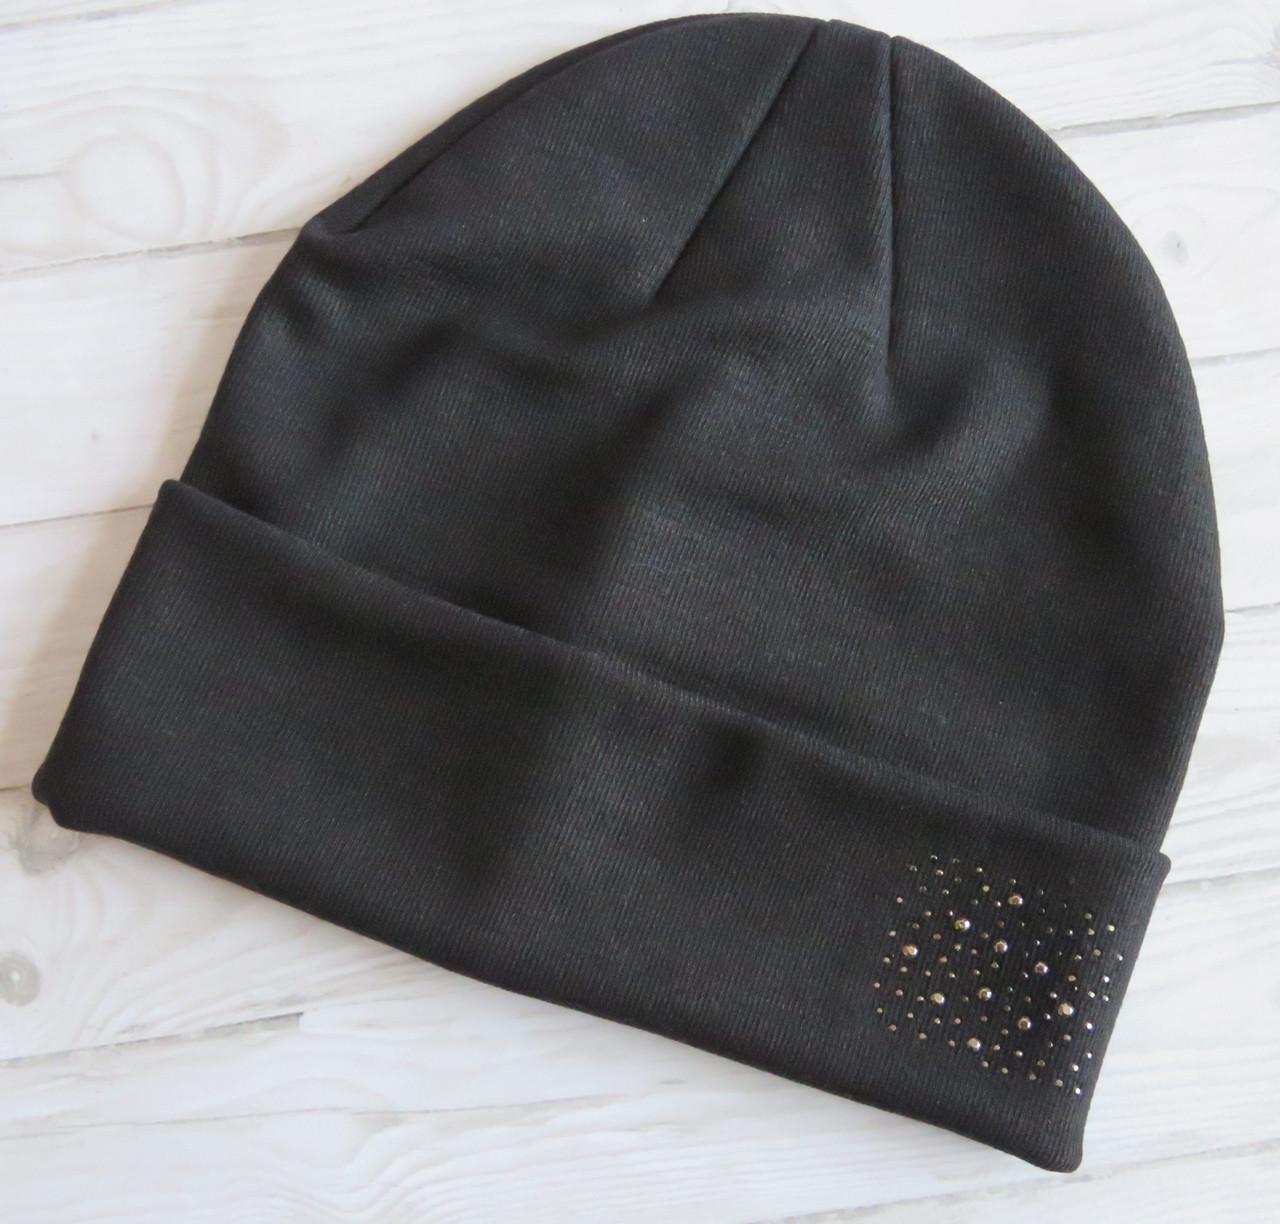 Молодежная трикотажная шапка Nord со стразами, черная